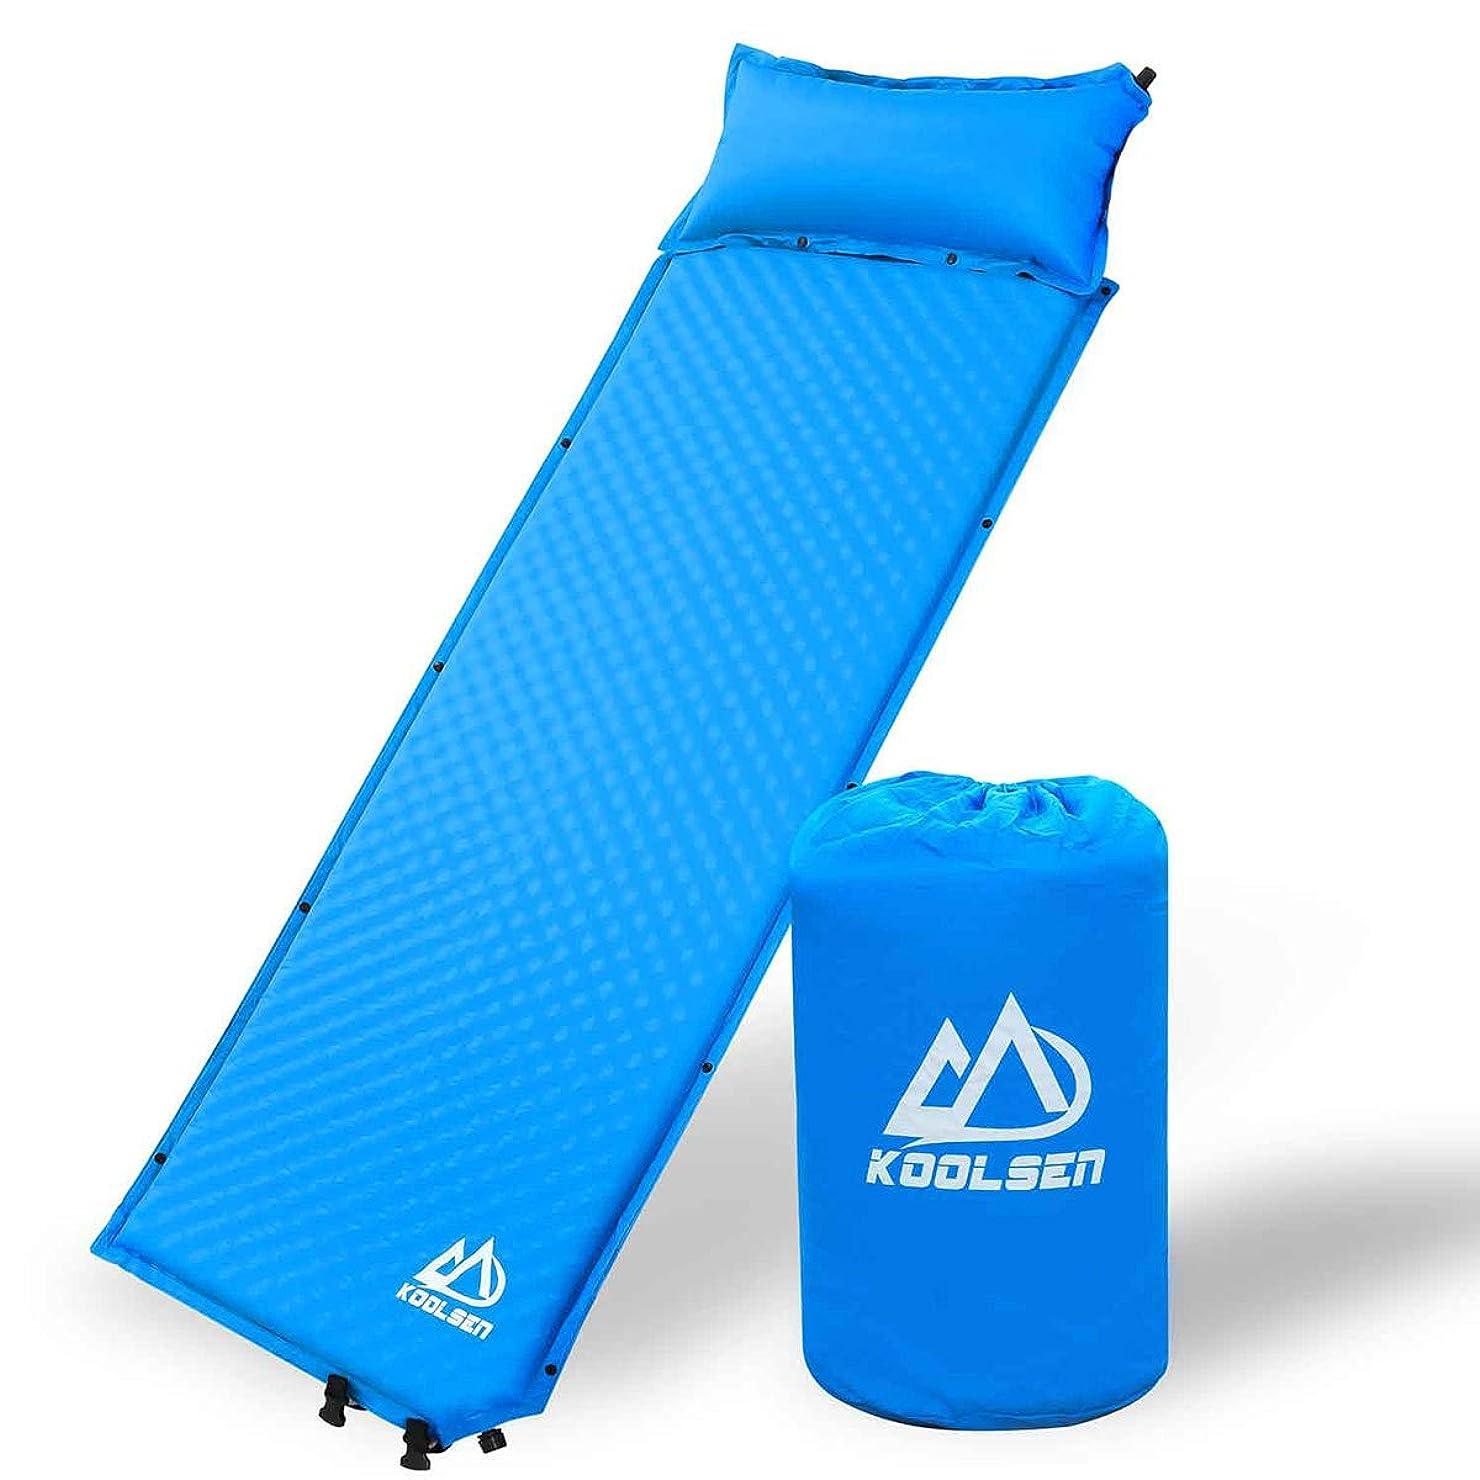 摩擦速報推測エアーマット キャンプマット キャンピングマット KOOLSEN エアーベッド 自動膨張 連結可能 テント泊 車中泊 耐水加工 アウトドア キャンプ 寝袋 枕が取り外し可能 家族旅行 (Blue-枕が取り外し可能)